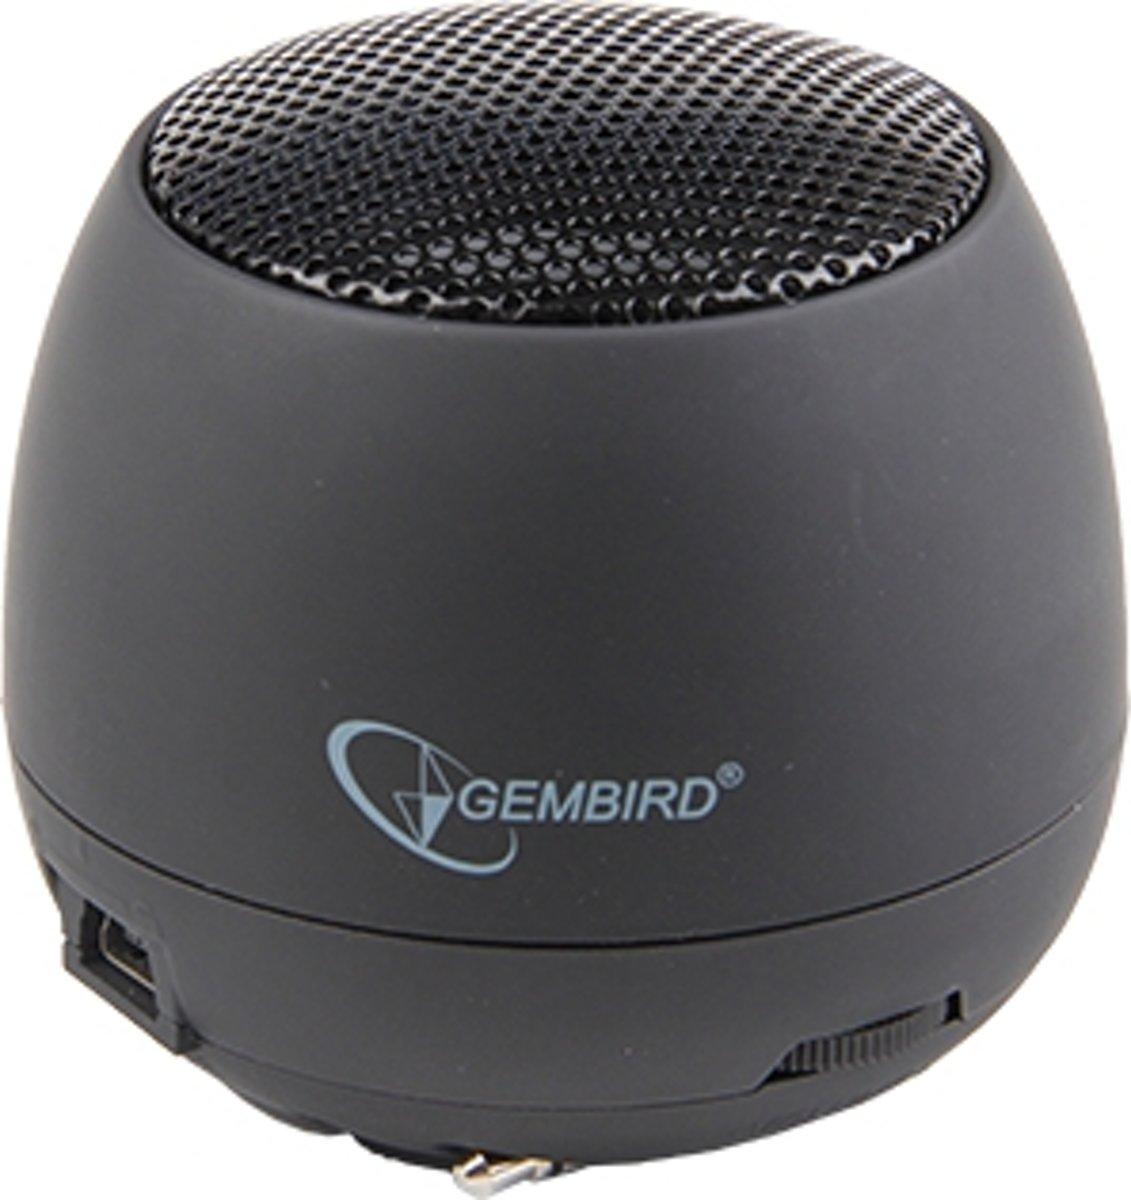 Gembird SPK-103 - Draagbare Mini Speaker kopen